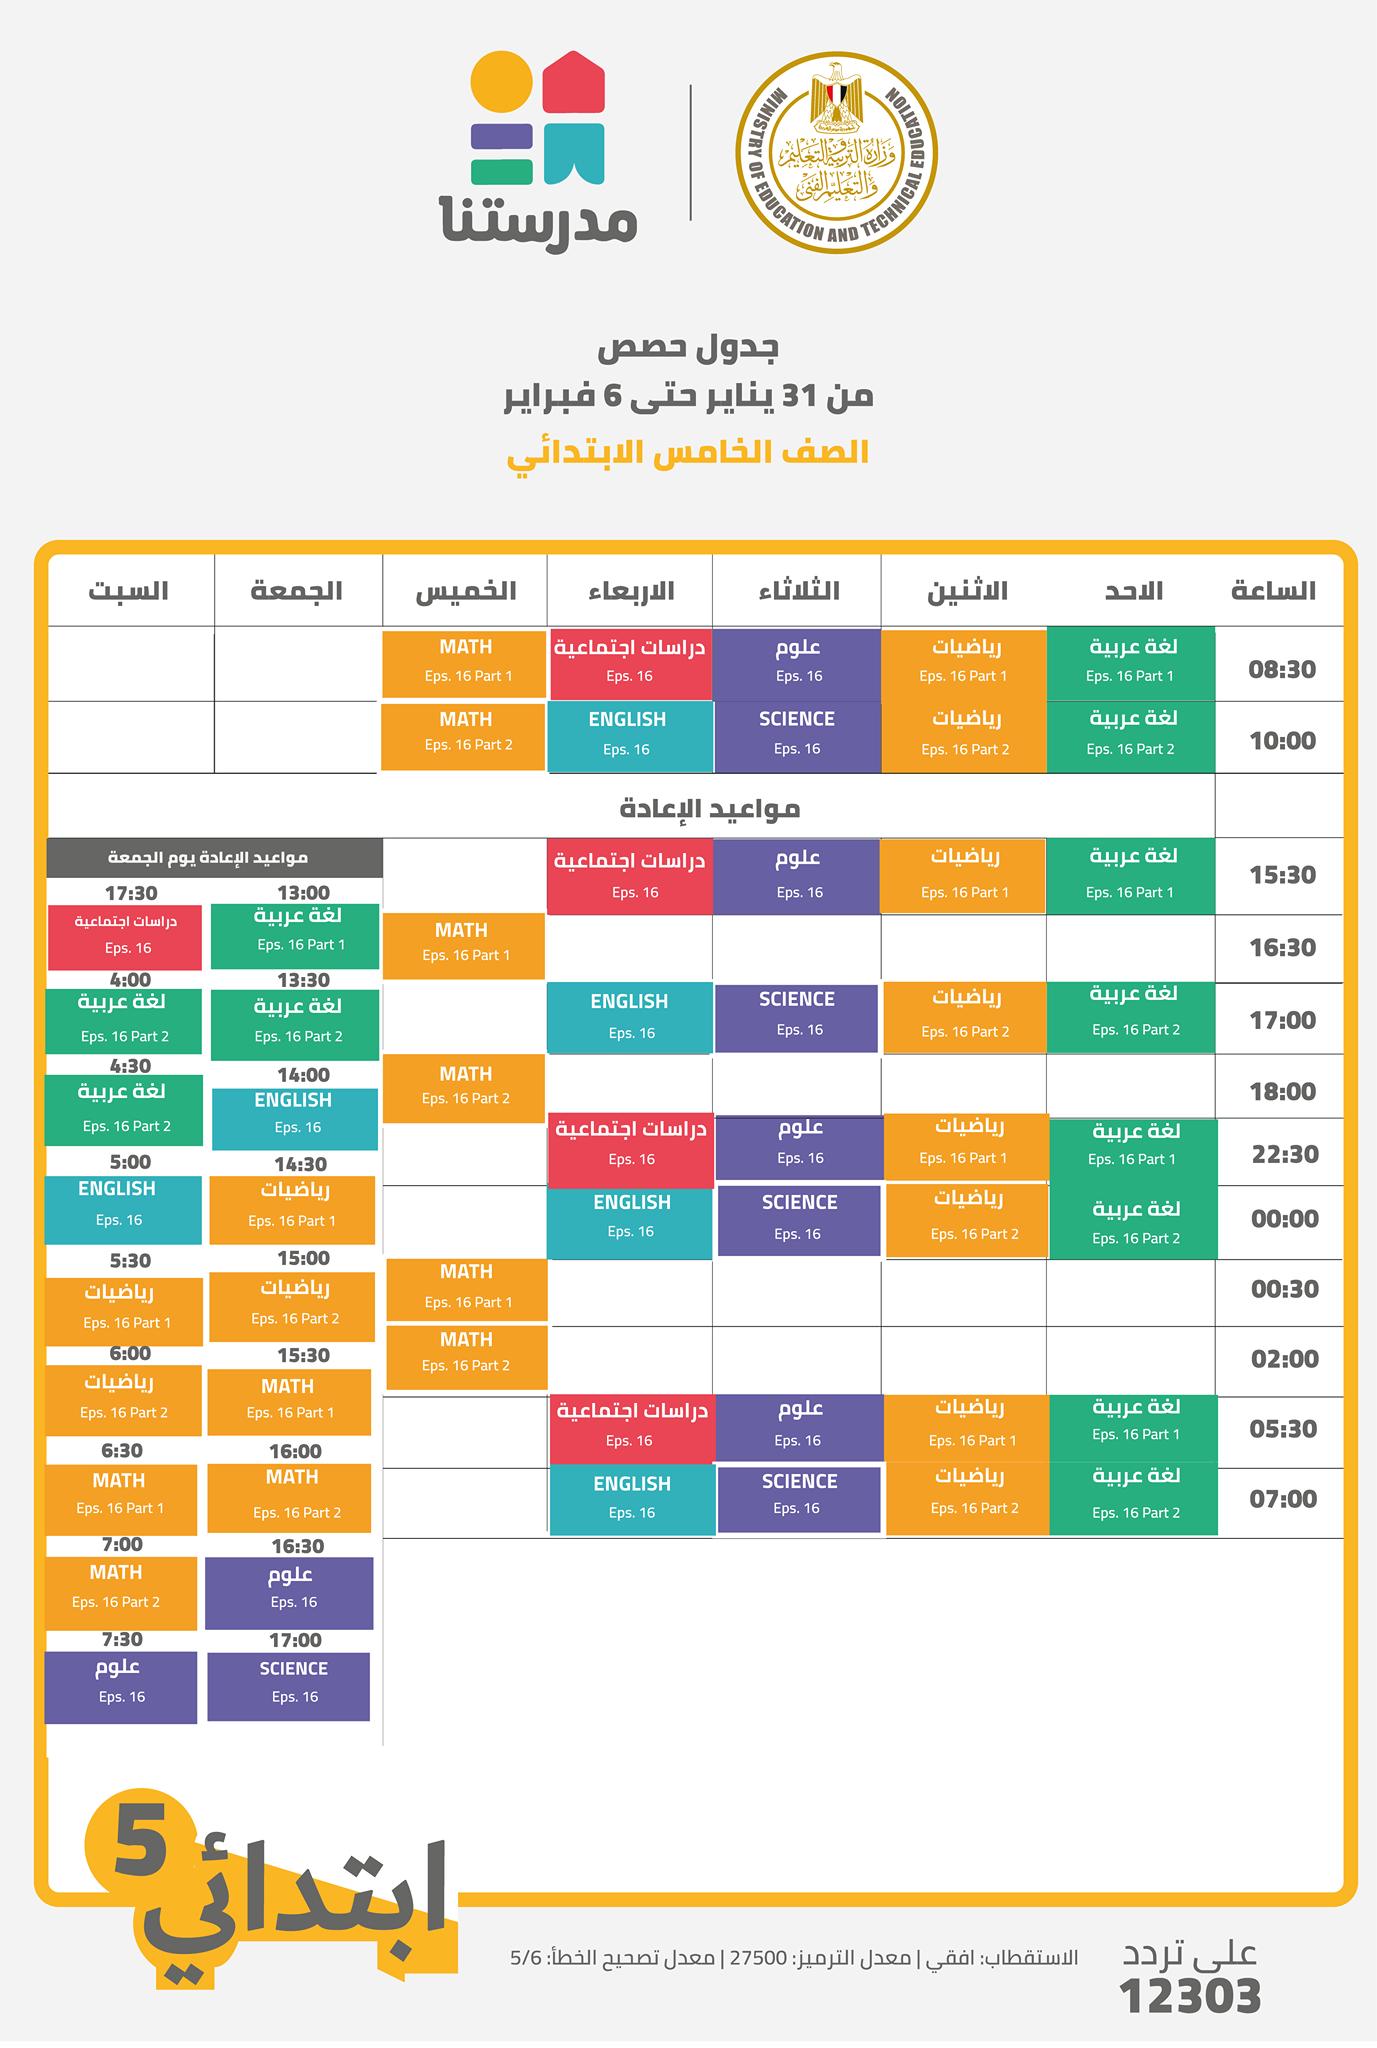 جدول مواعيد البرامج التعليمية علي قناة مدرستنا التعليمية من 31 يناير إلي 6 فبراير 2021 5